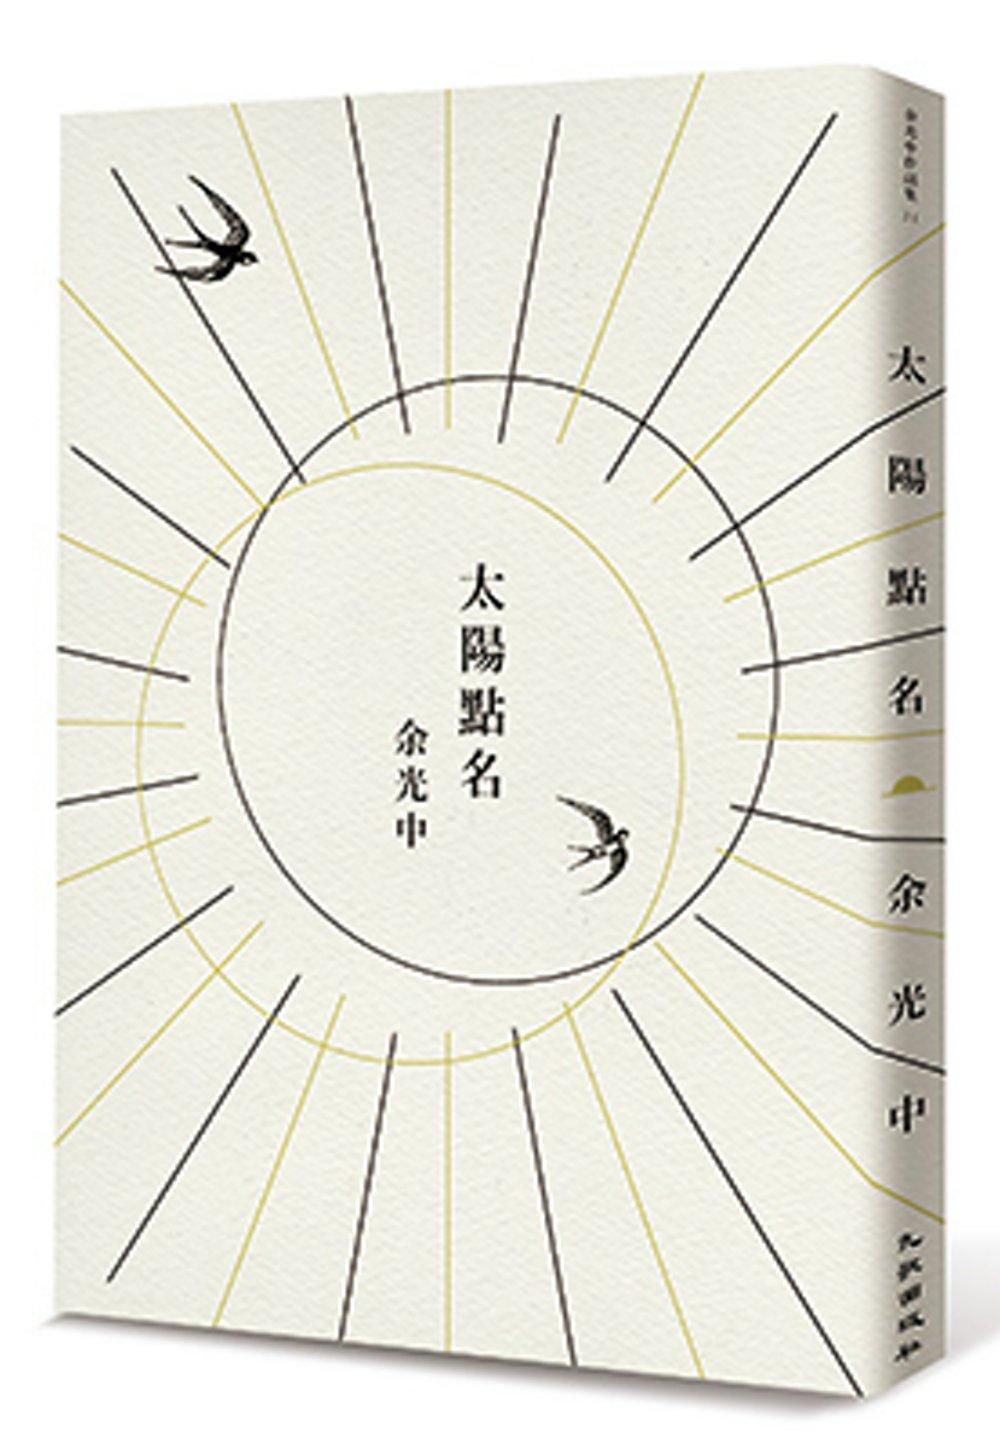 太陽點名(首刷限量簽名版)